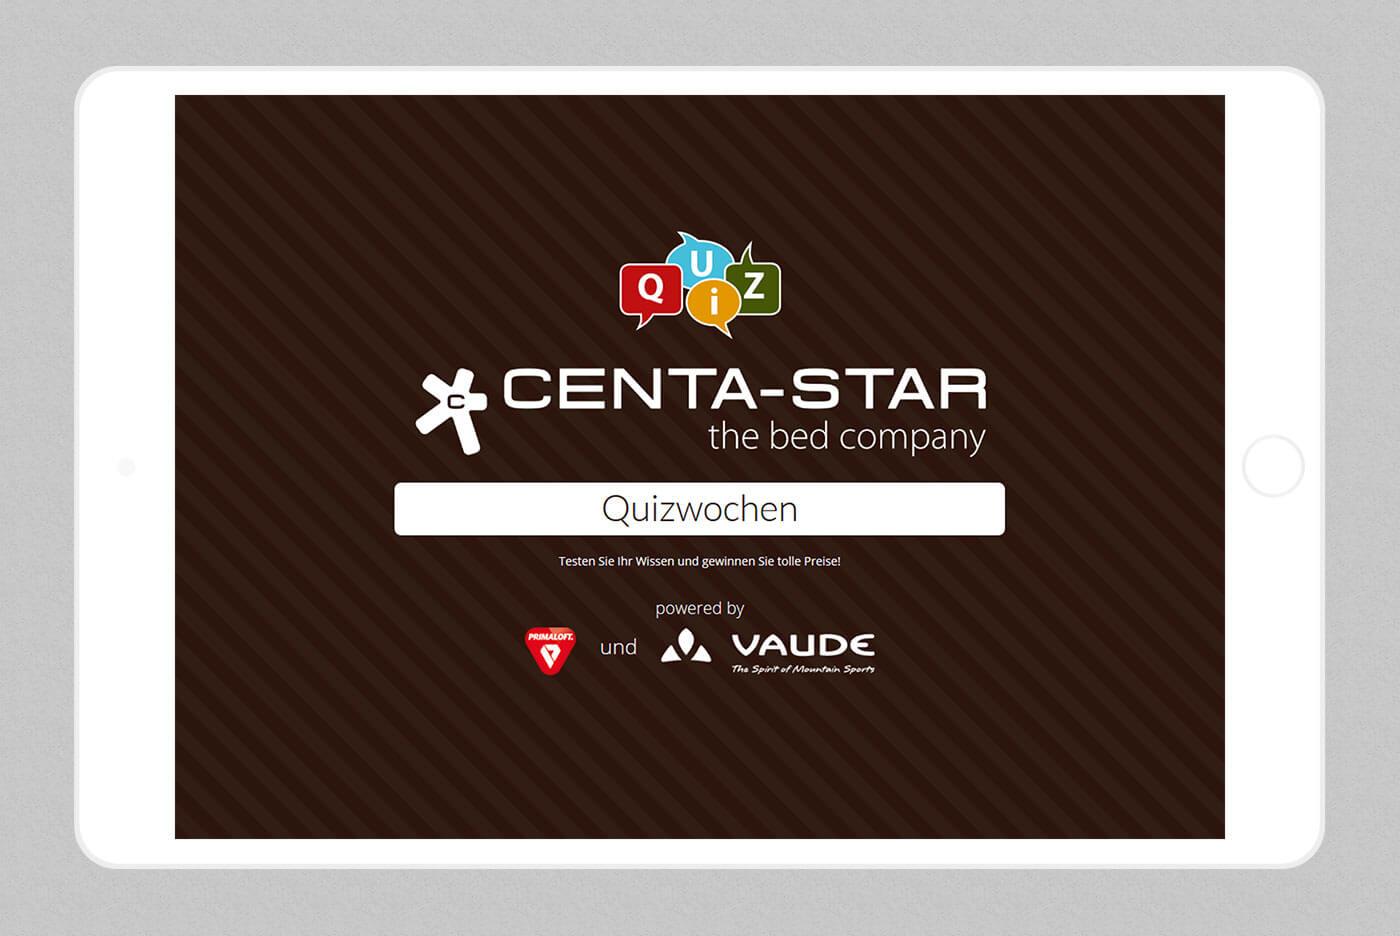 web designer stuttgart - dt media group - centa star